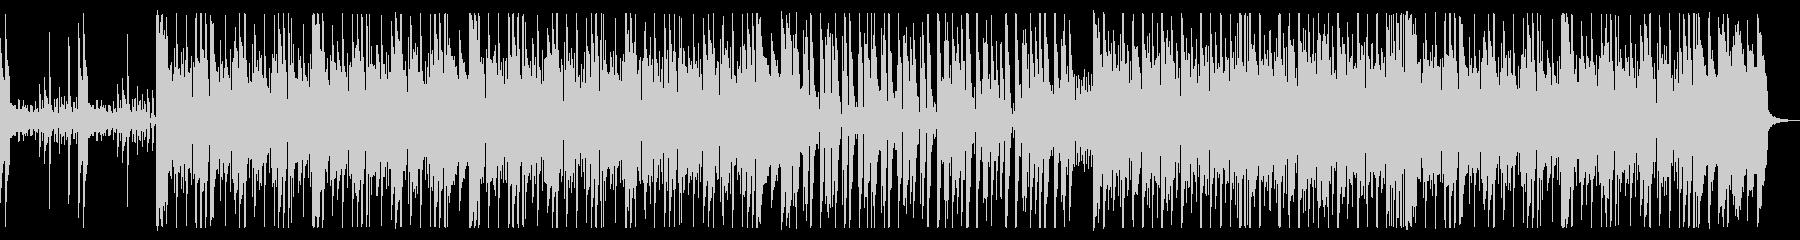 近代的で洗練されたクールなサウンドの未再生の波形